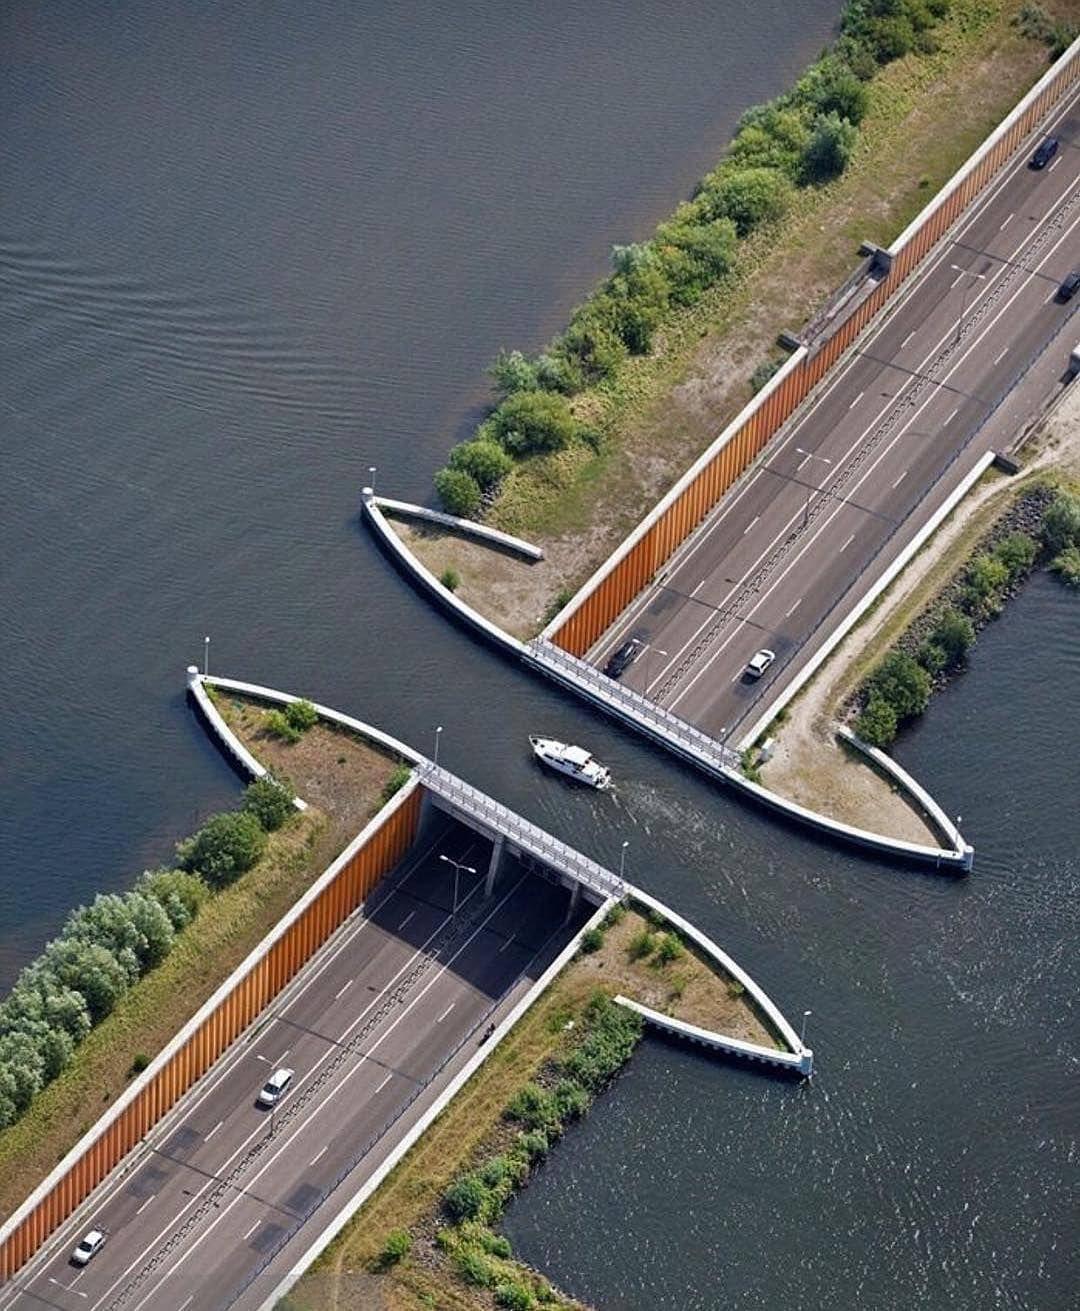 Cầu dẫn nước Veluwemeer chỉ dài 25 m, rộng 19 m, sâu khoảng 3 m nằm giữa vùng Harderwijk, phía đông Hà Lan. Dù không giành kỷ lục thế giới nào, nó vẫn là một trong những cầu dẫn nước ngắn nhất thế giới. Ảnh: QQ